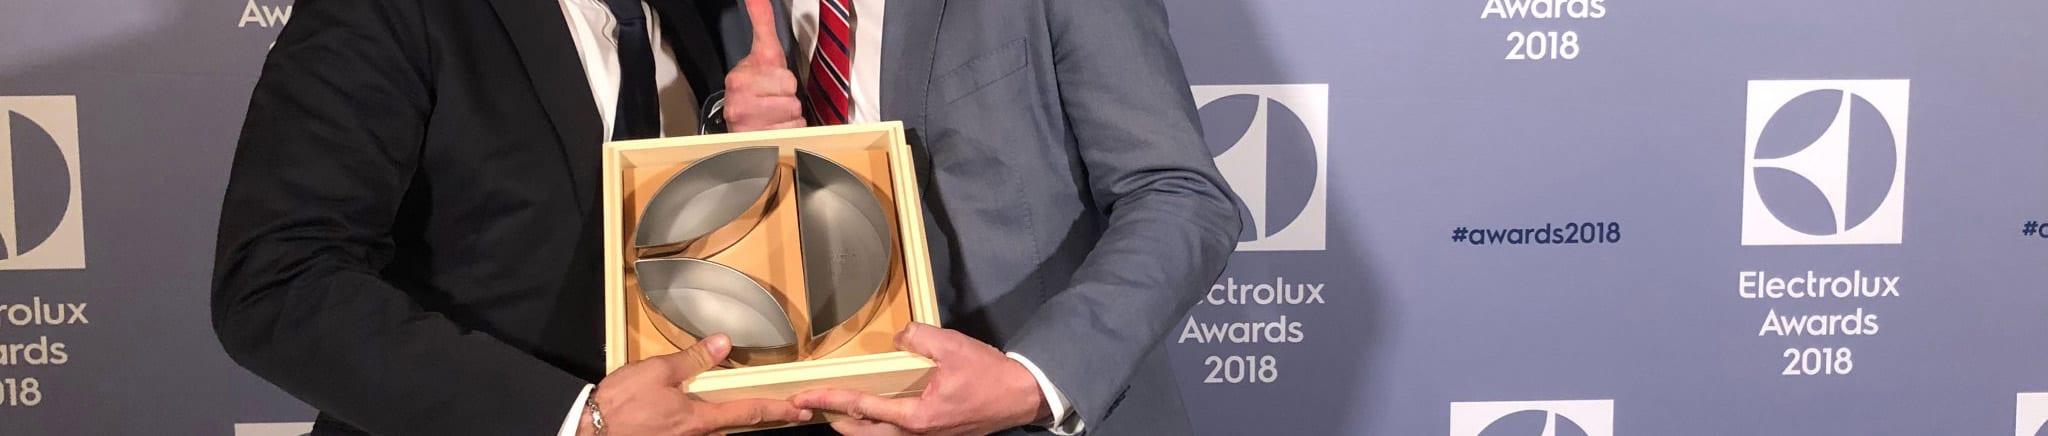 Noticias, premios y eventos Electrolux Professional